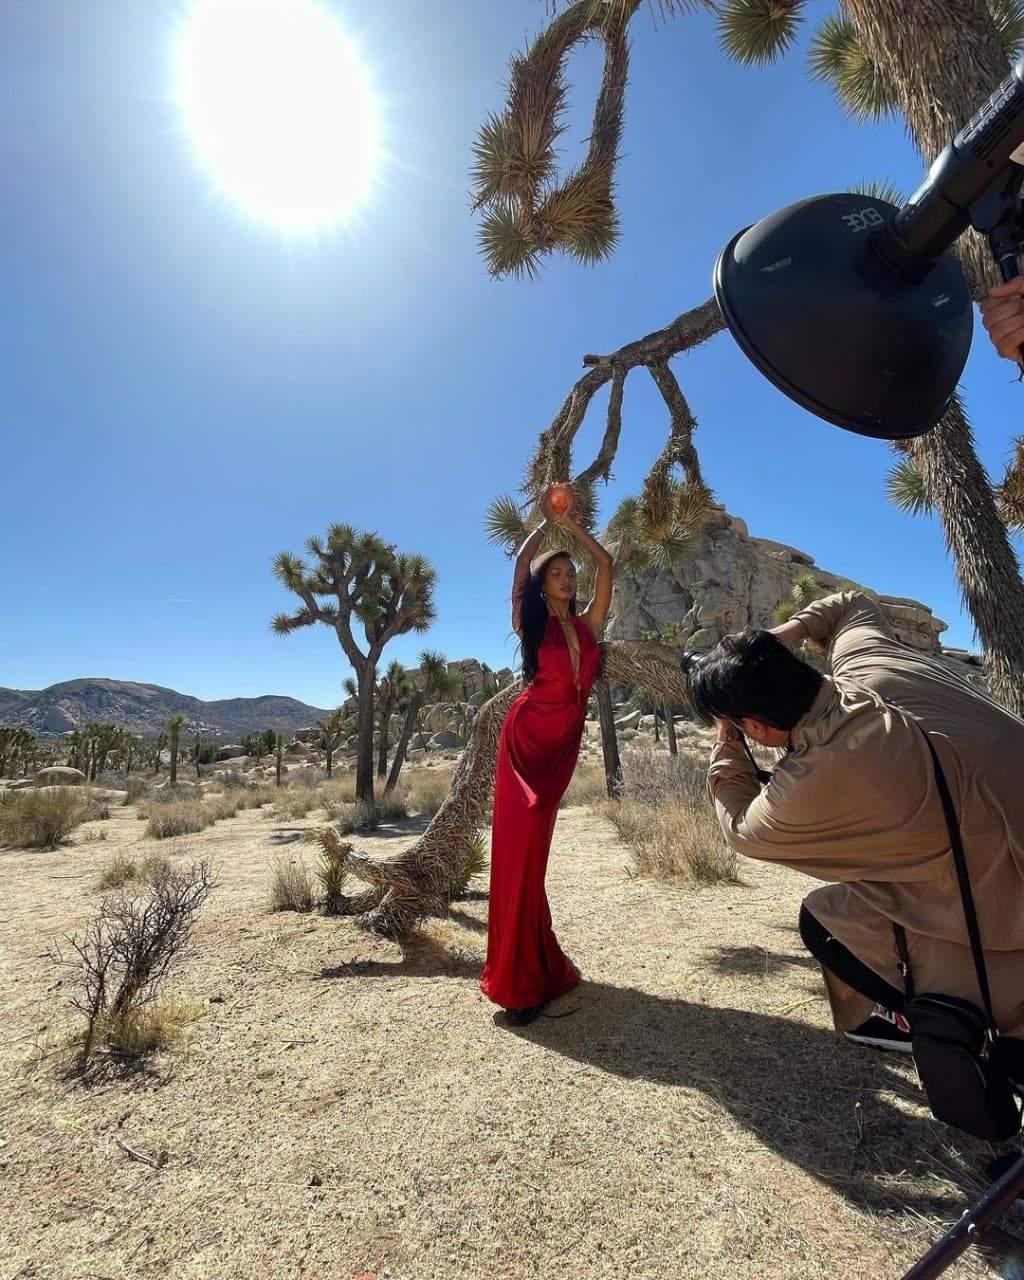 Жасмін Тукс позувала для фотосесії у червоних образах / Фото з інстаграму